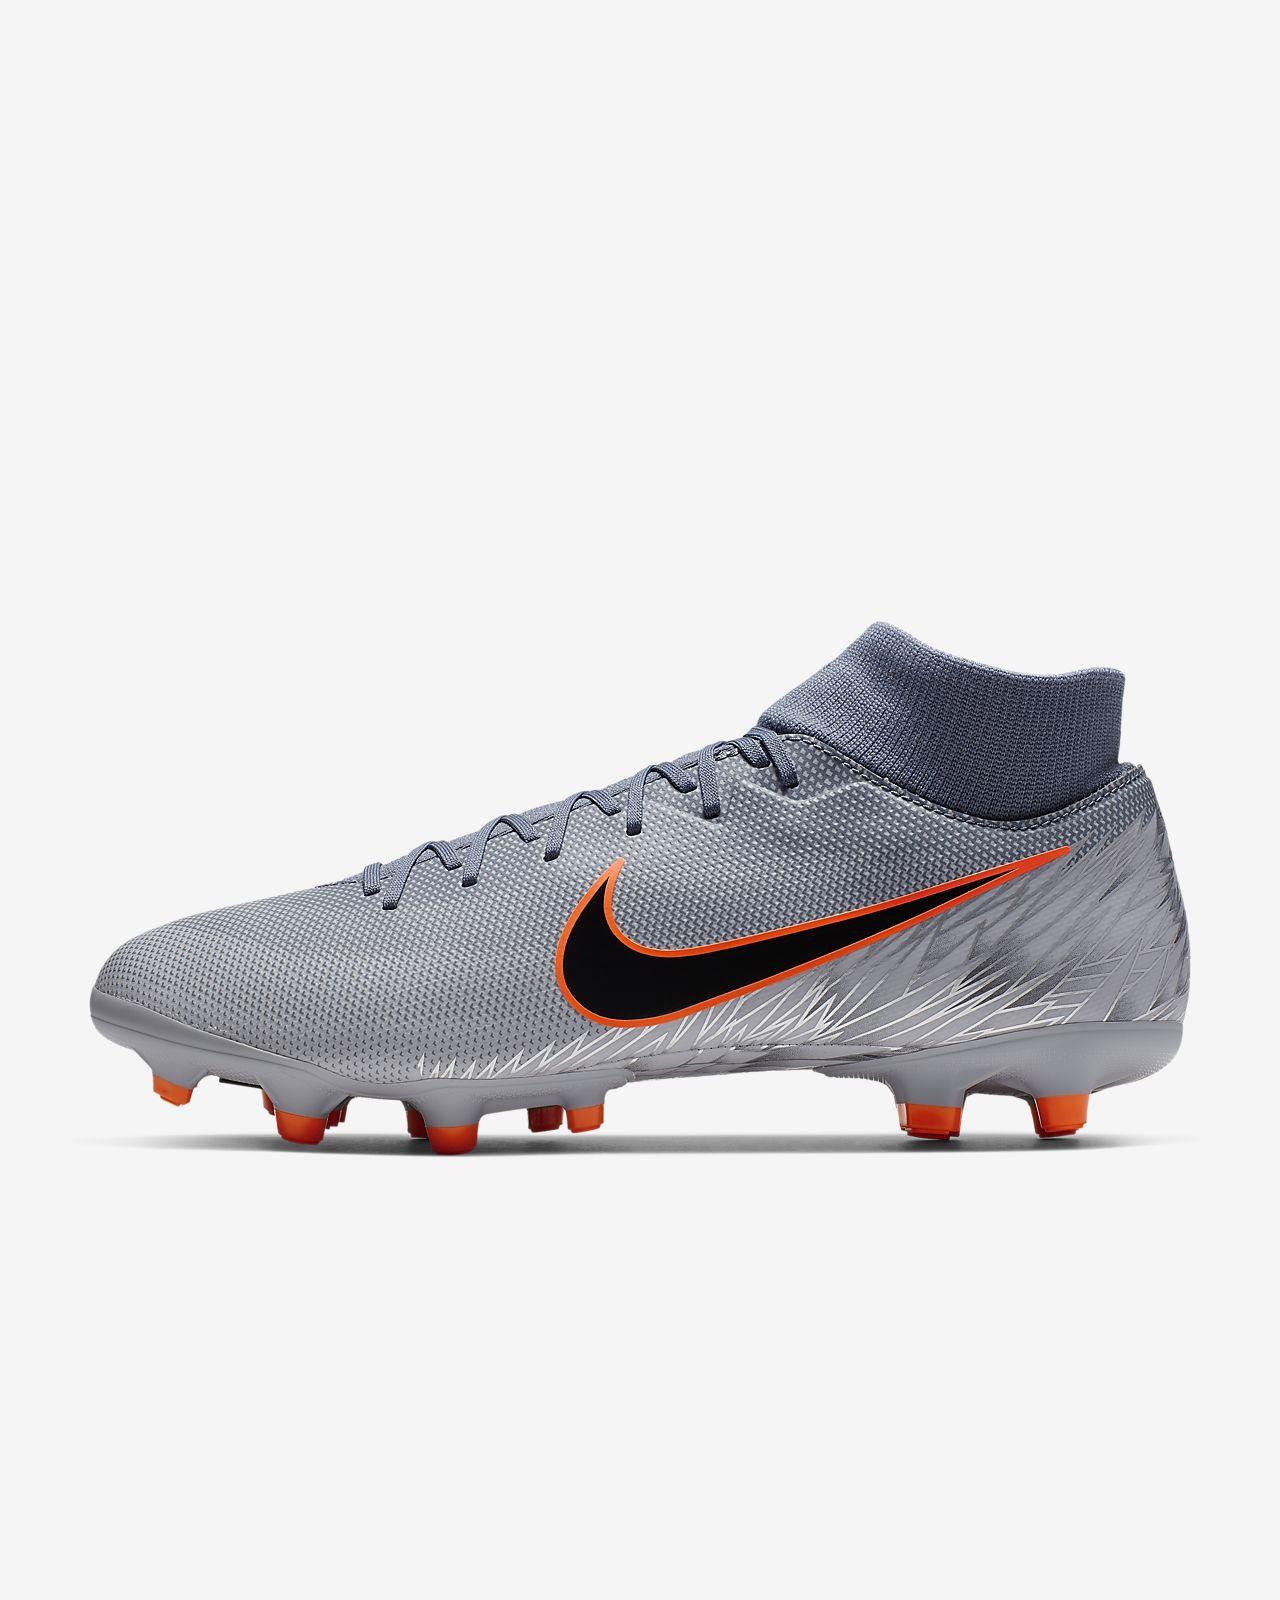 cb78ee1b8ff ... Ποδοσφαιρικό παπούτσι για πολλές επιφάνειες Nike Mercurial Superfly 6  Academy MG